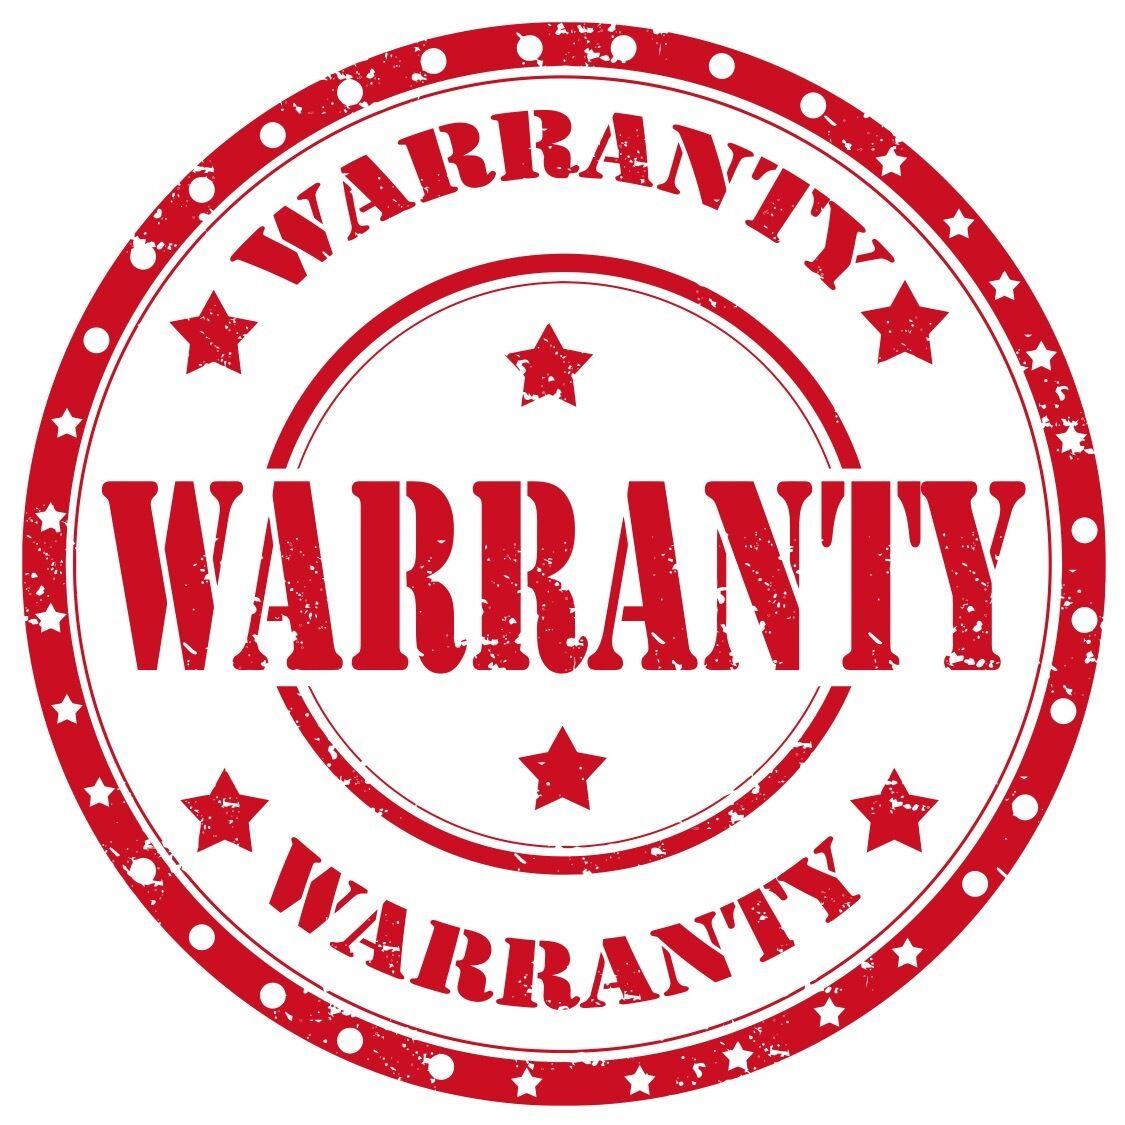 Warranty Direct USA